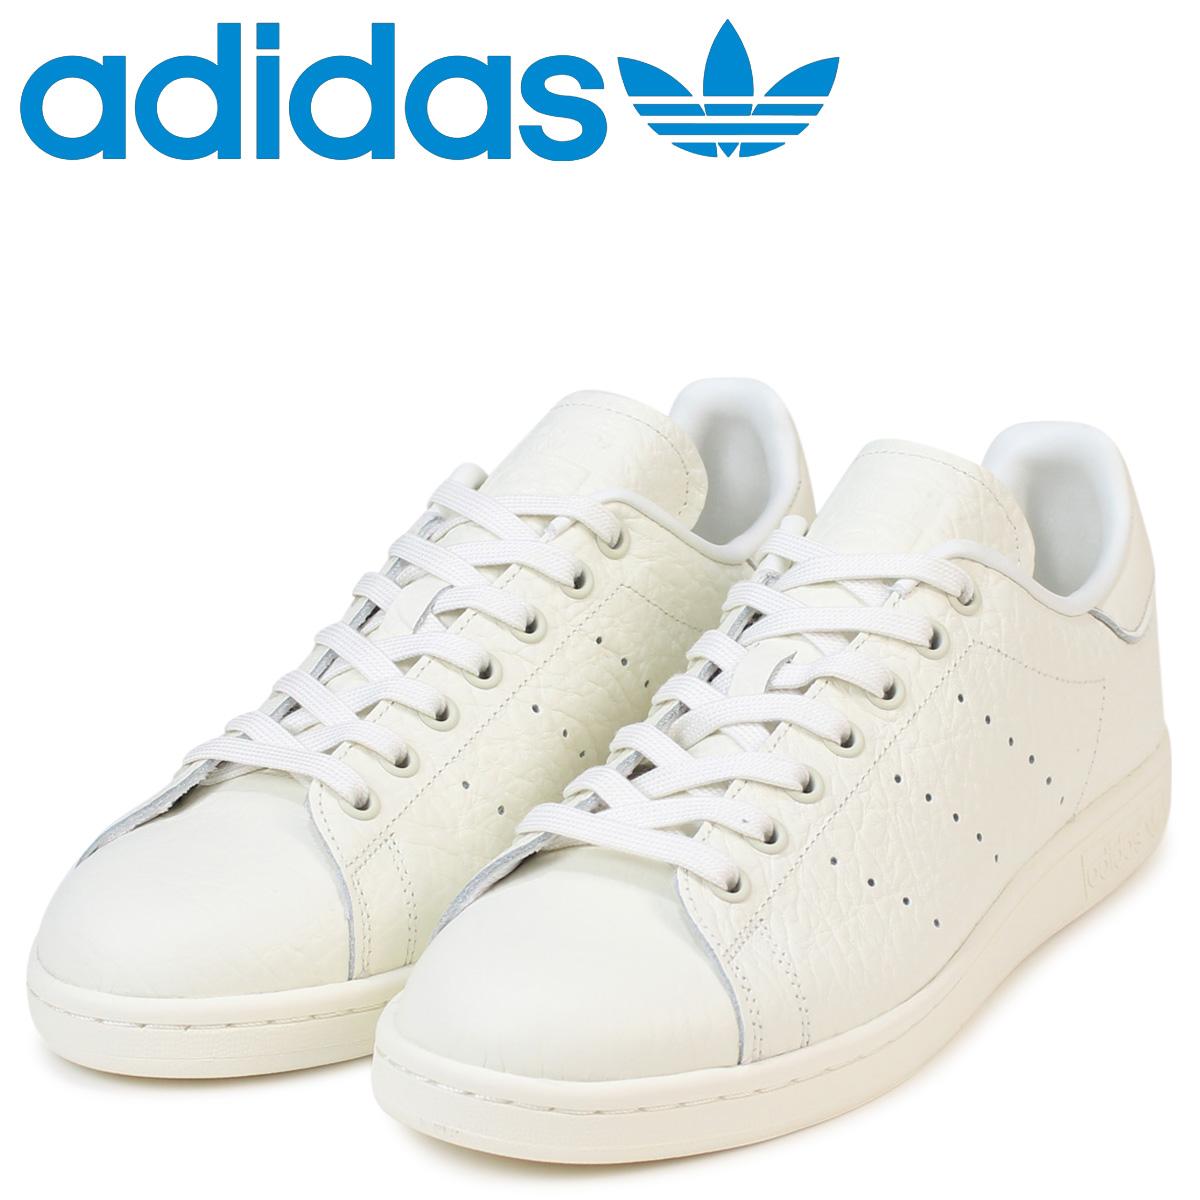 zucchero negozio online rakuten mercato globale: adidas stan smith adidas